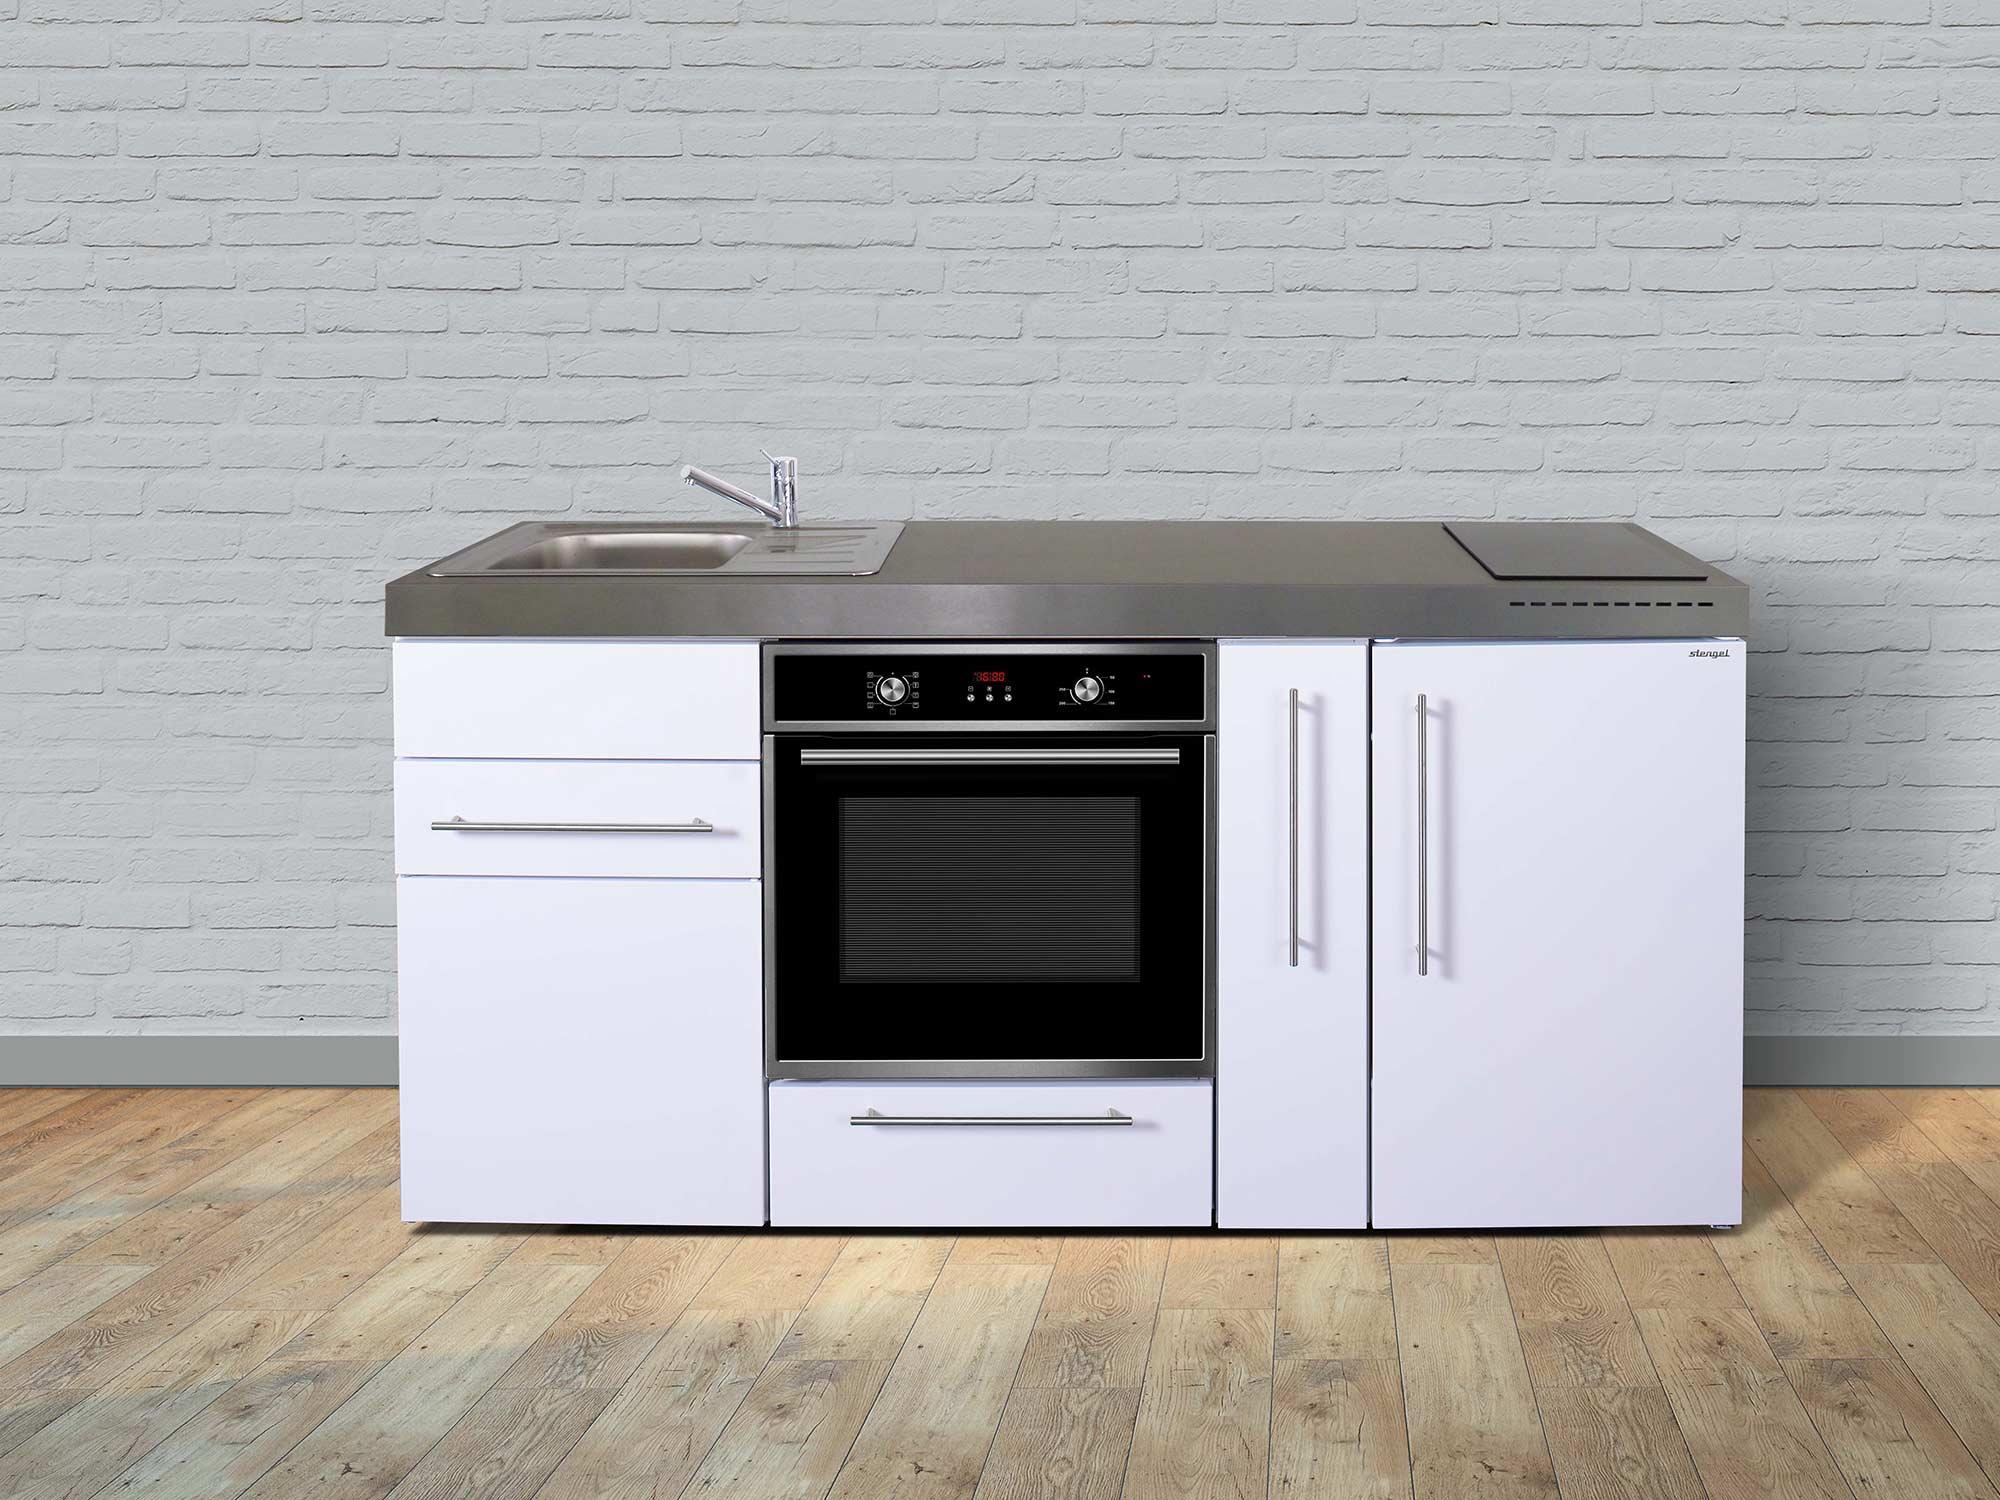 Miniküche Mit Kühlschrank Und Backofen : Stengel edelstahl miniküche mpb a mit kühlschrank backofen und a